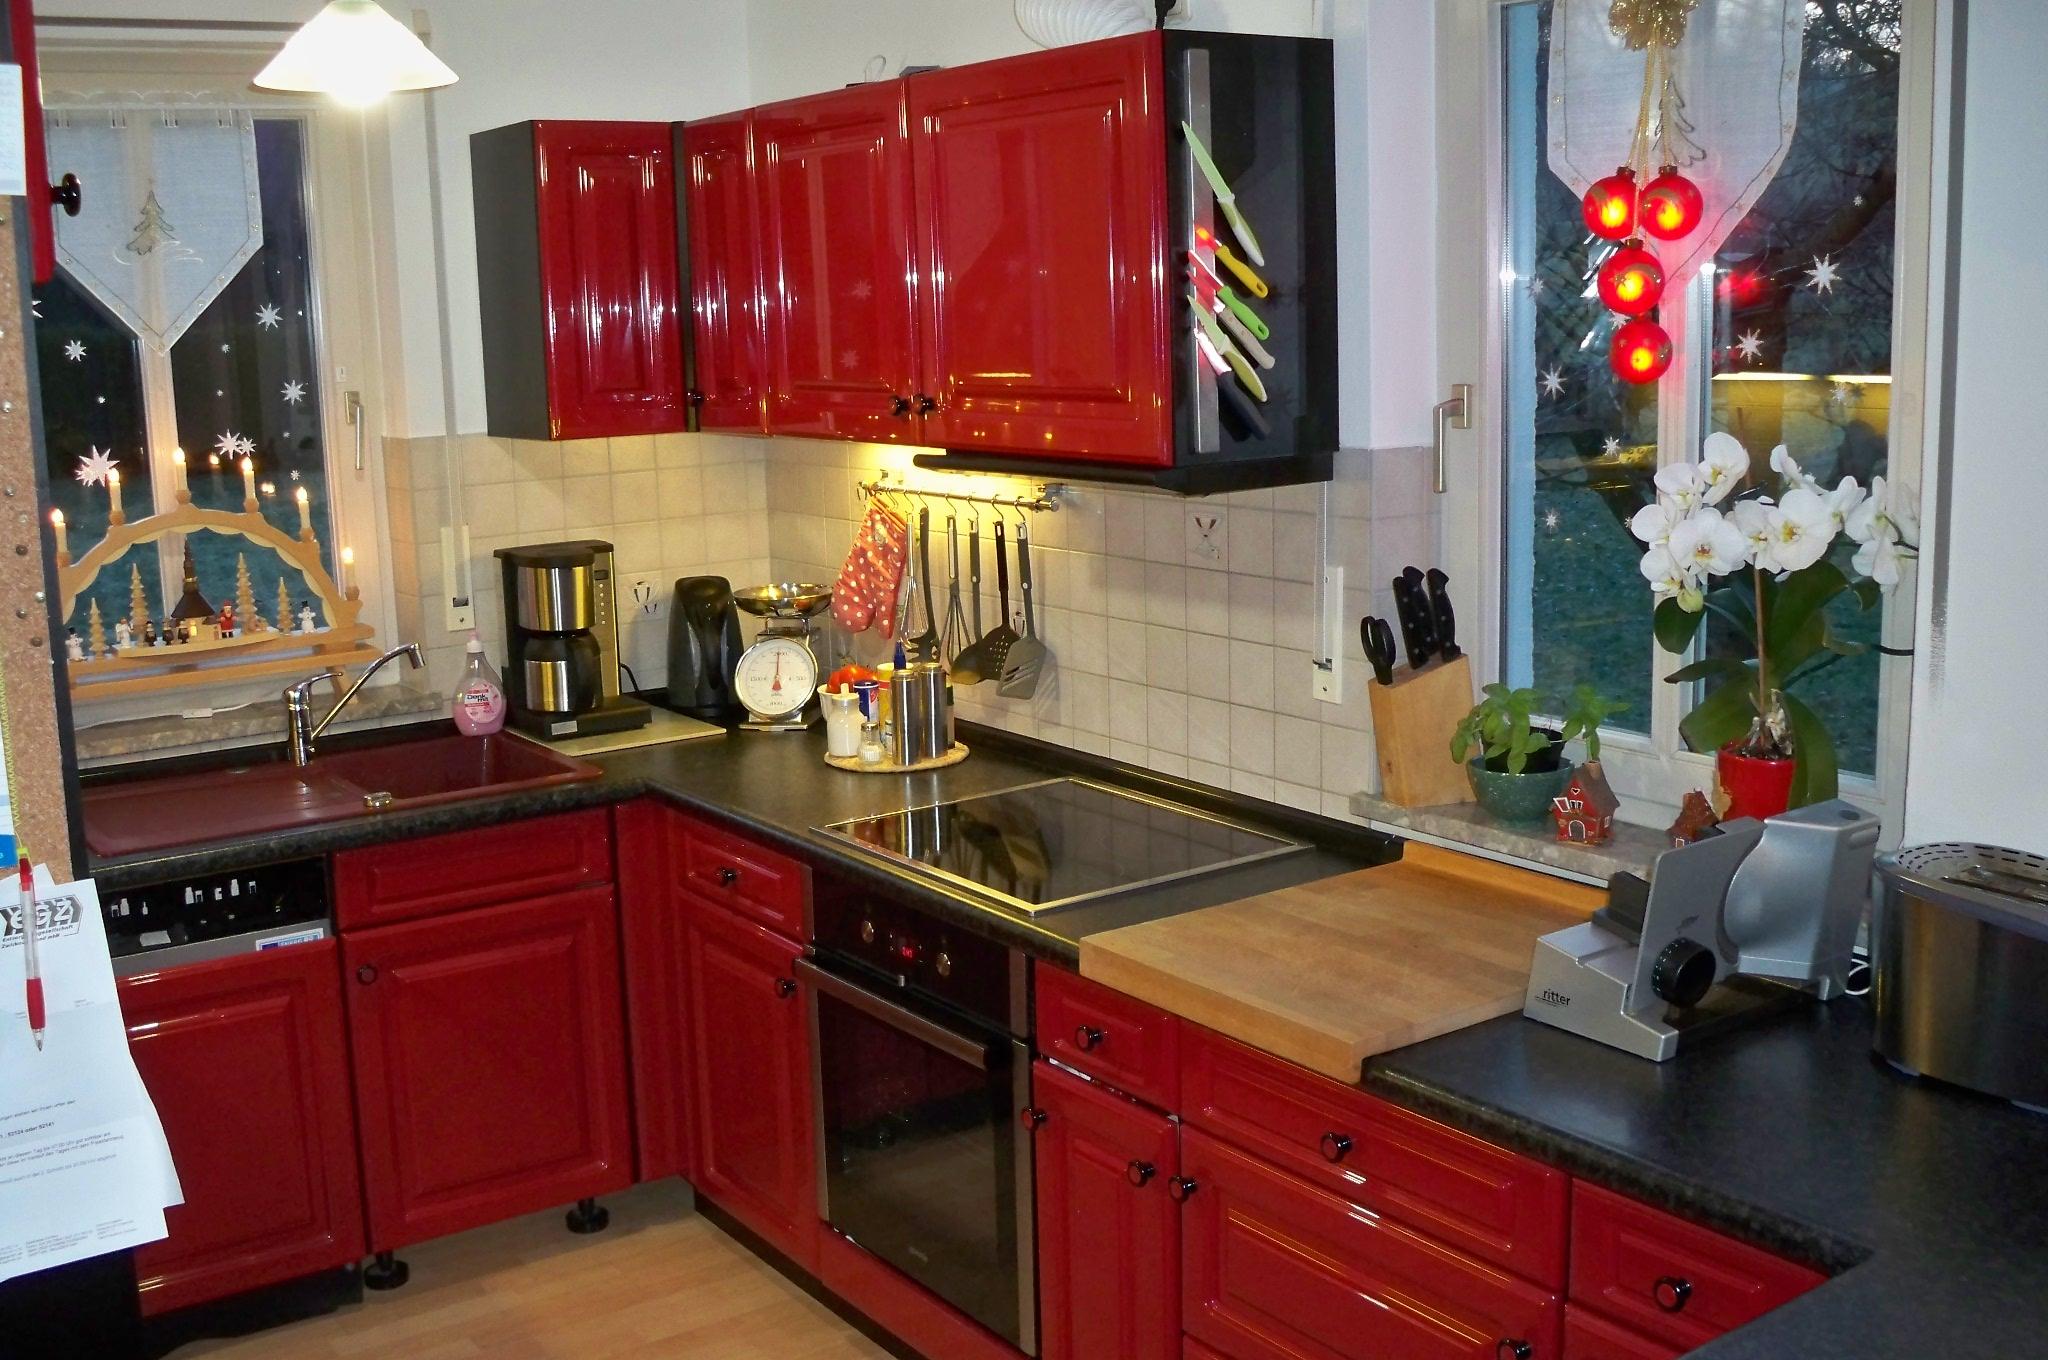 Folien Für Küchenfronten Ttciinfo Alte K?chenfronten Erneuern